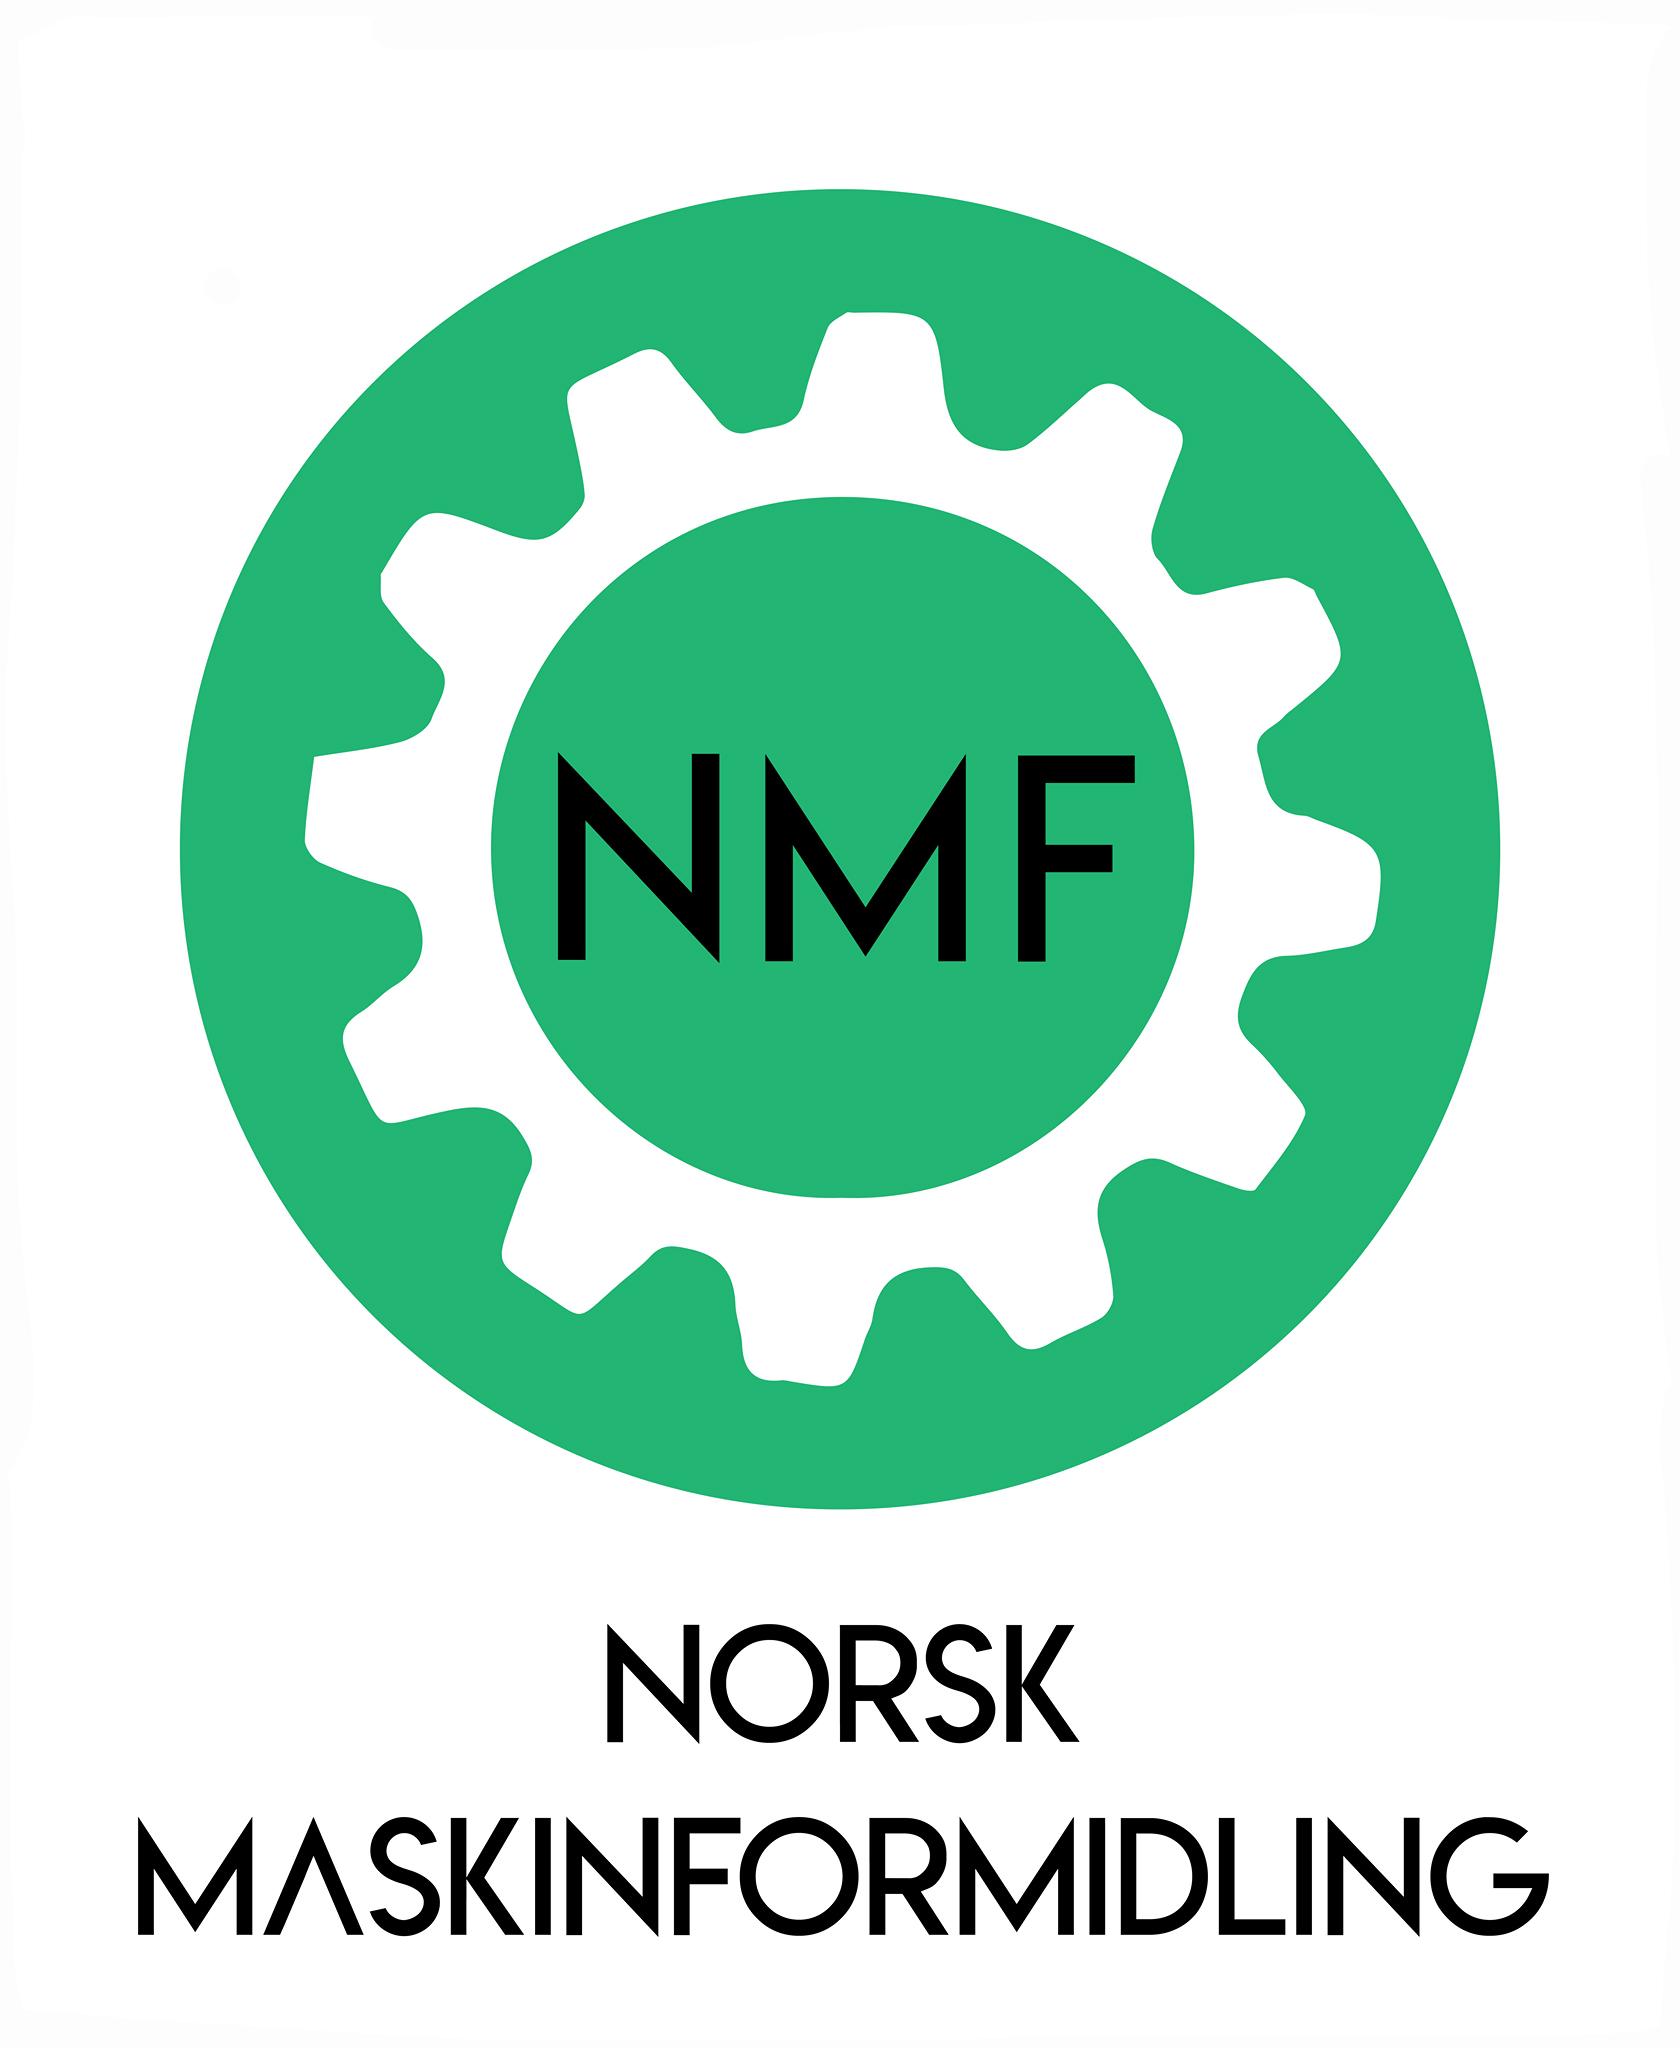 Norsk Maskinformidling